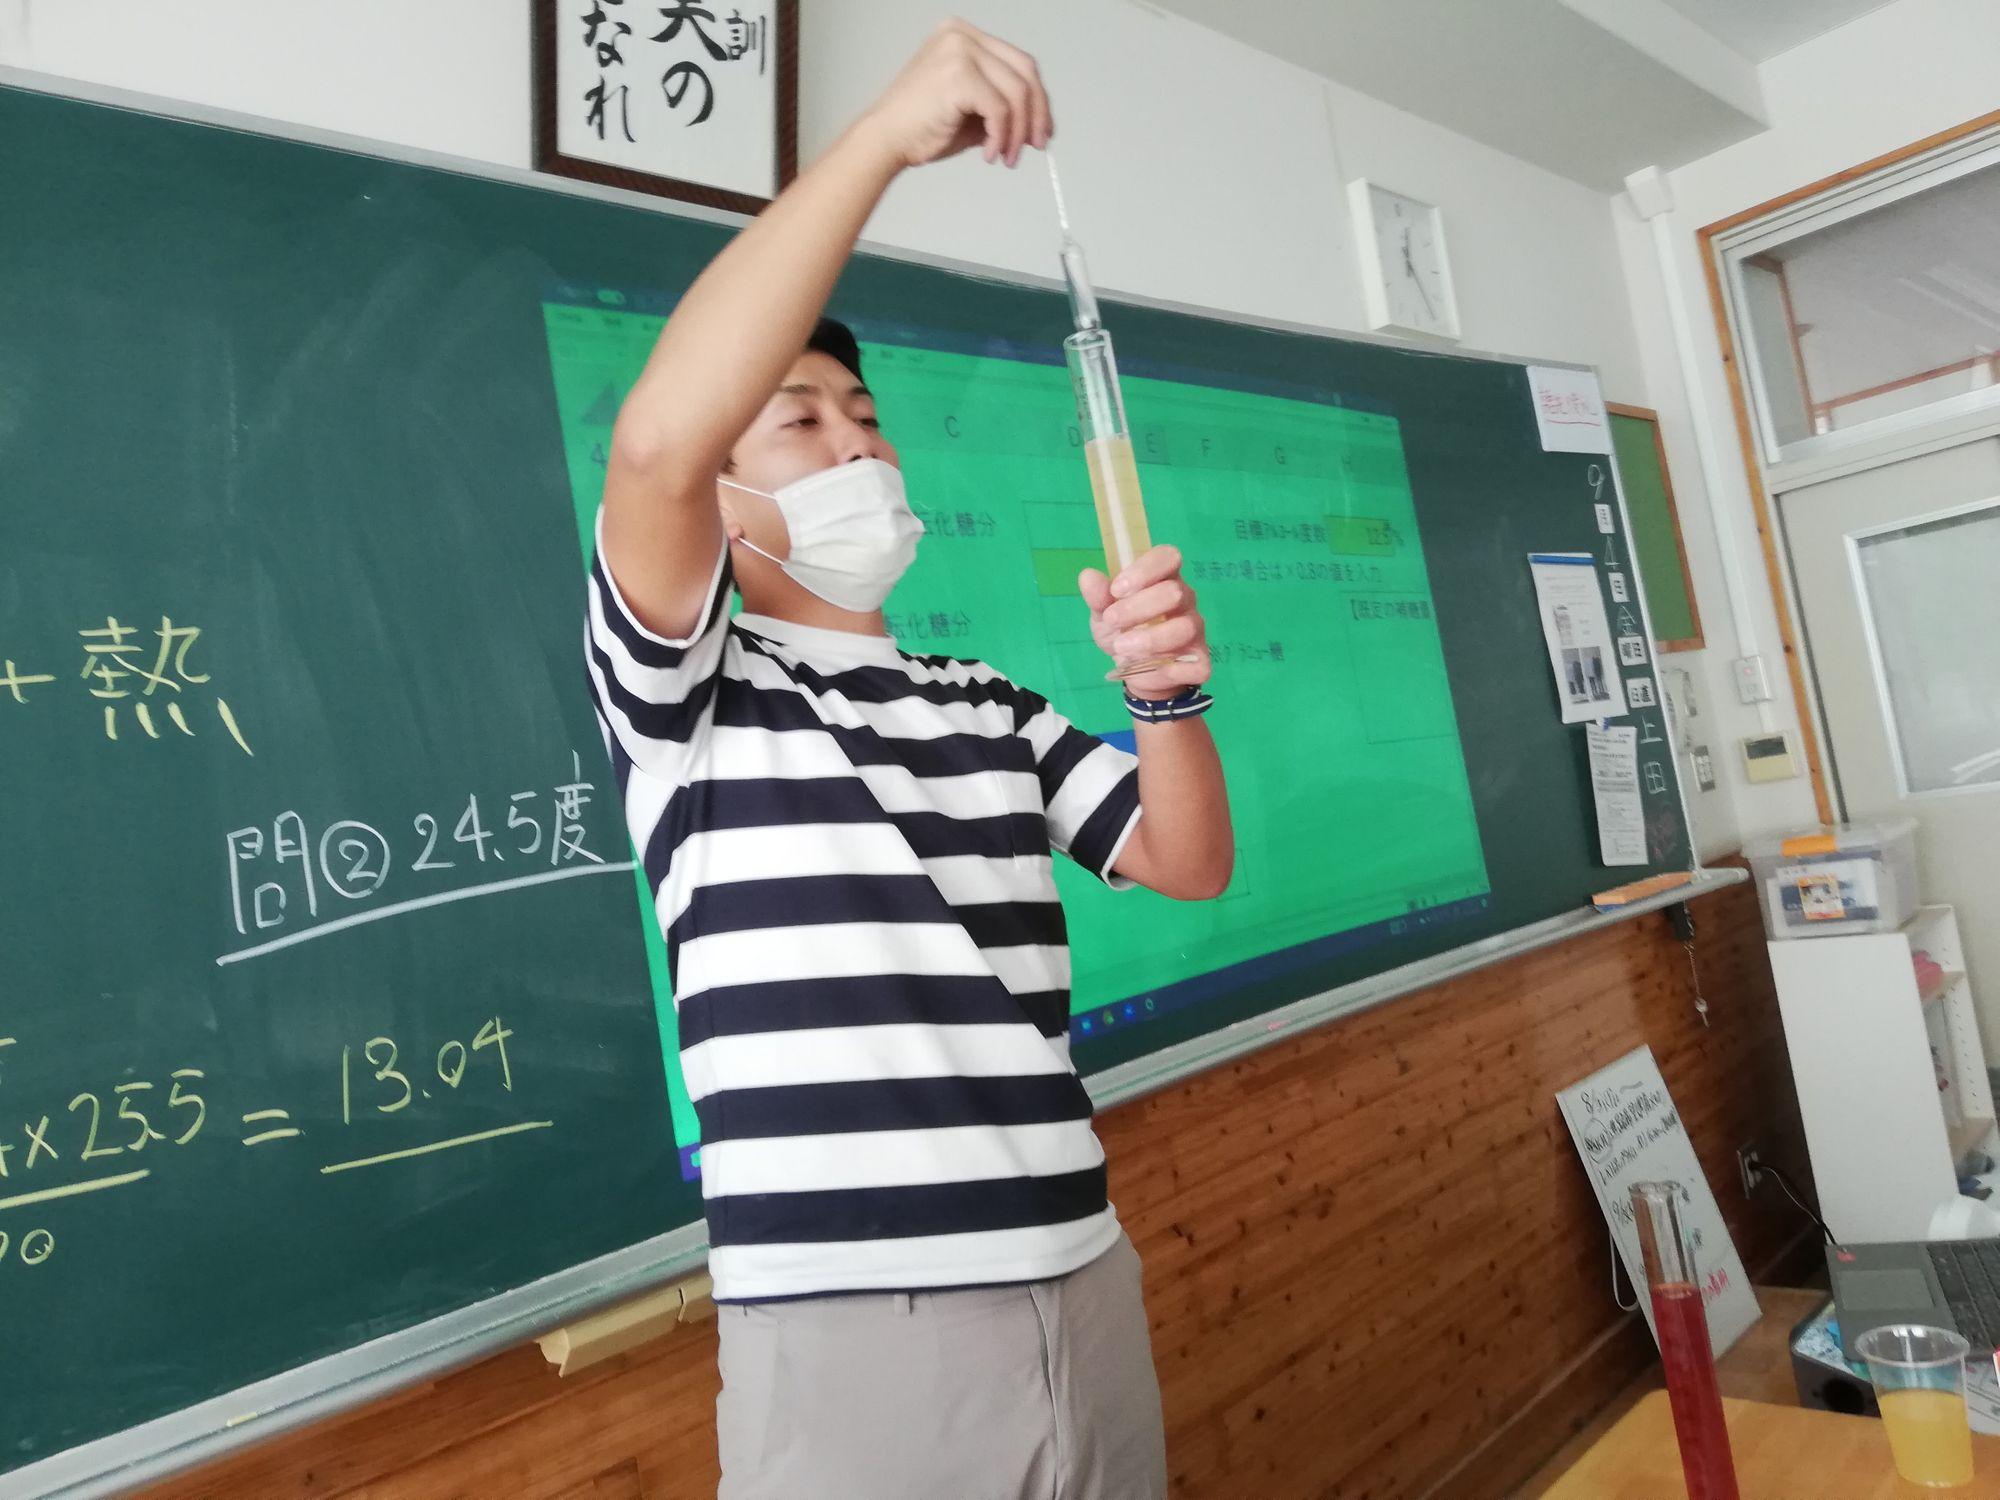 山口美樹 -Yoshiki Yamaguchi-